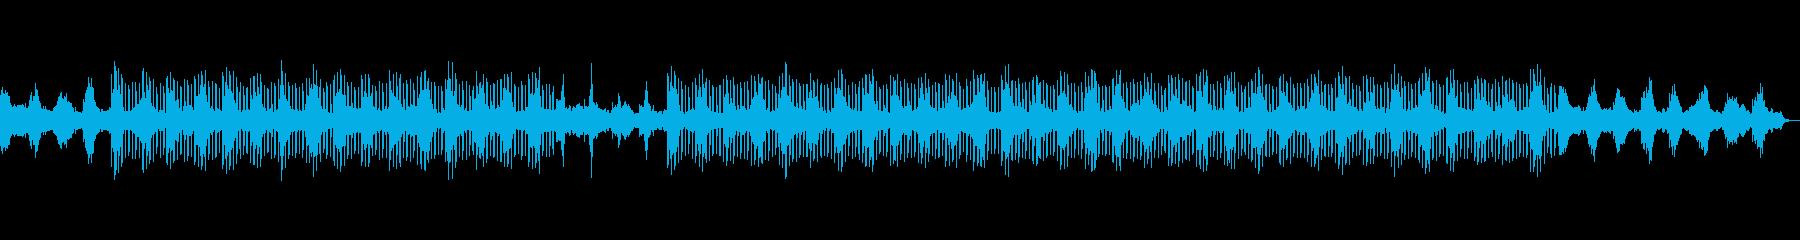 医療イージーリスニングソフトハウス の再生済みの波形